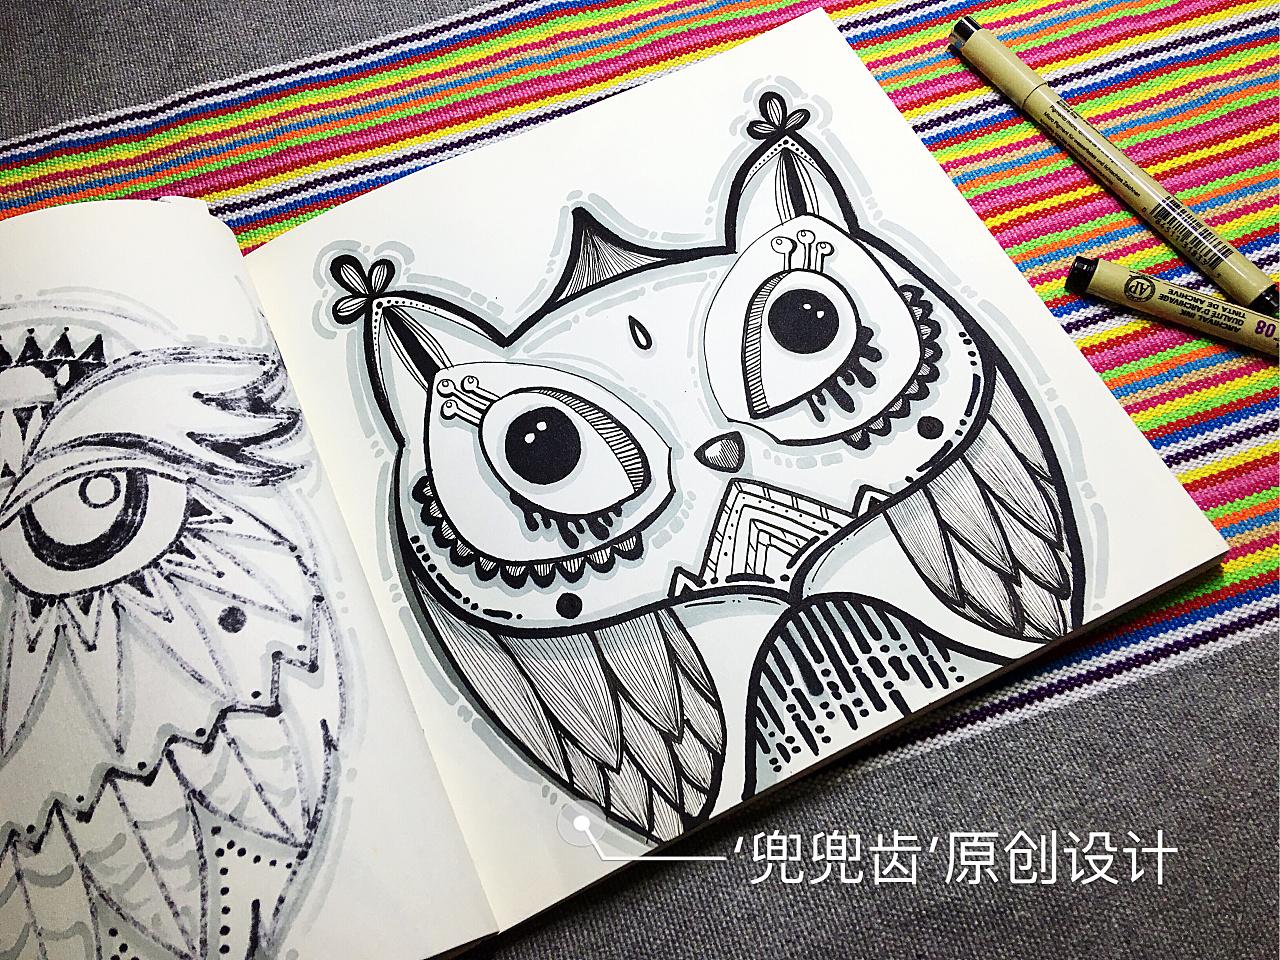 缠绕画,黑白装饰画,民族风,线描,插画,猫头鹰图片